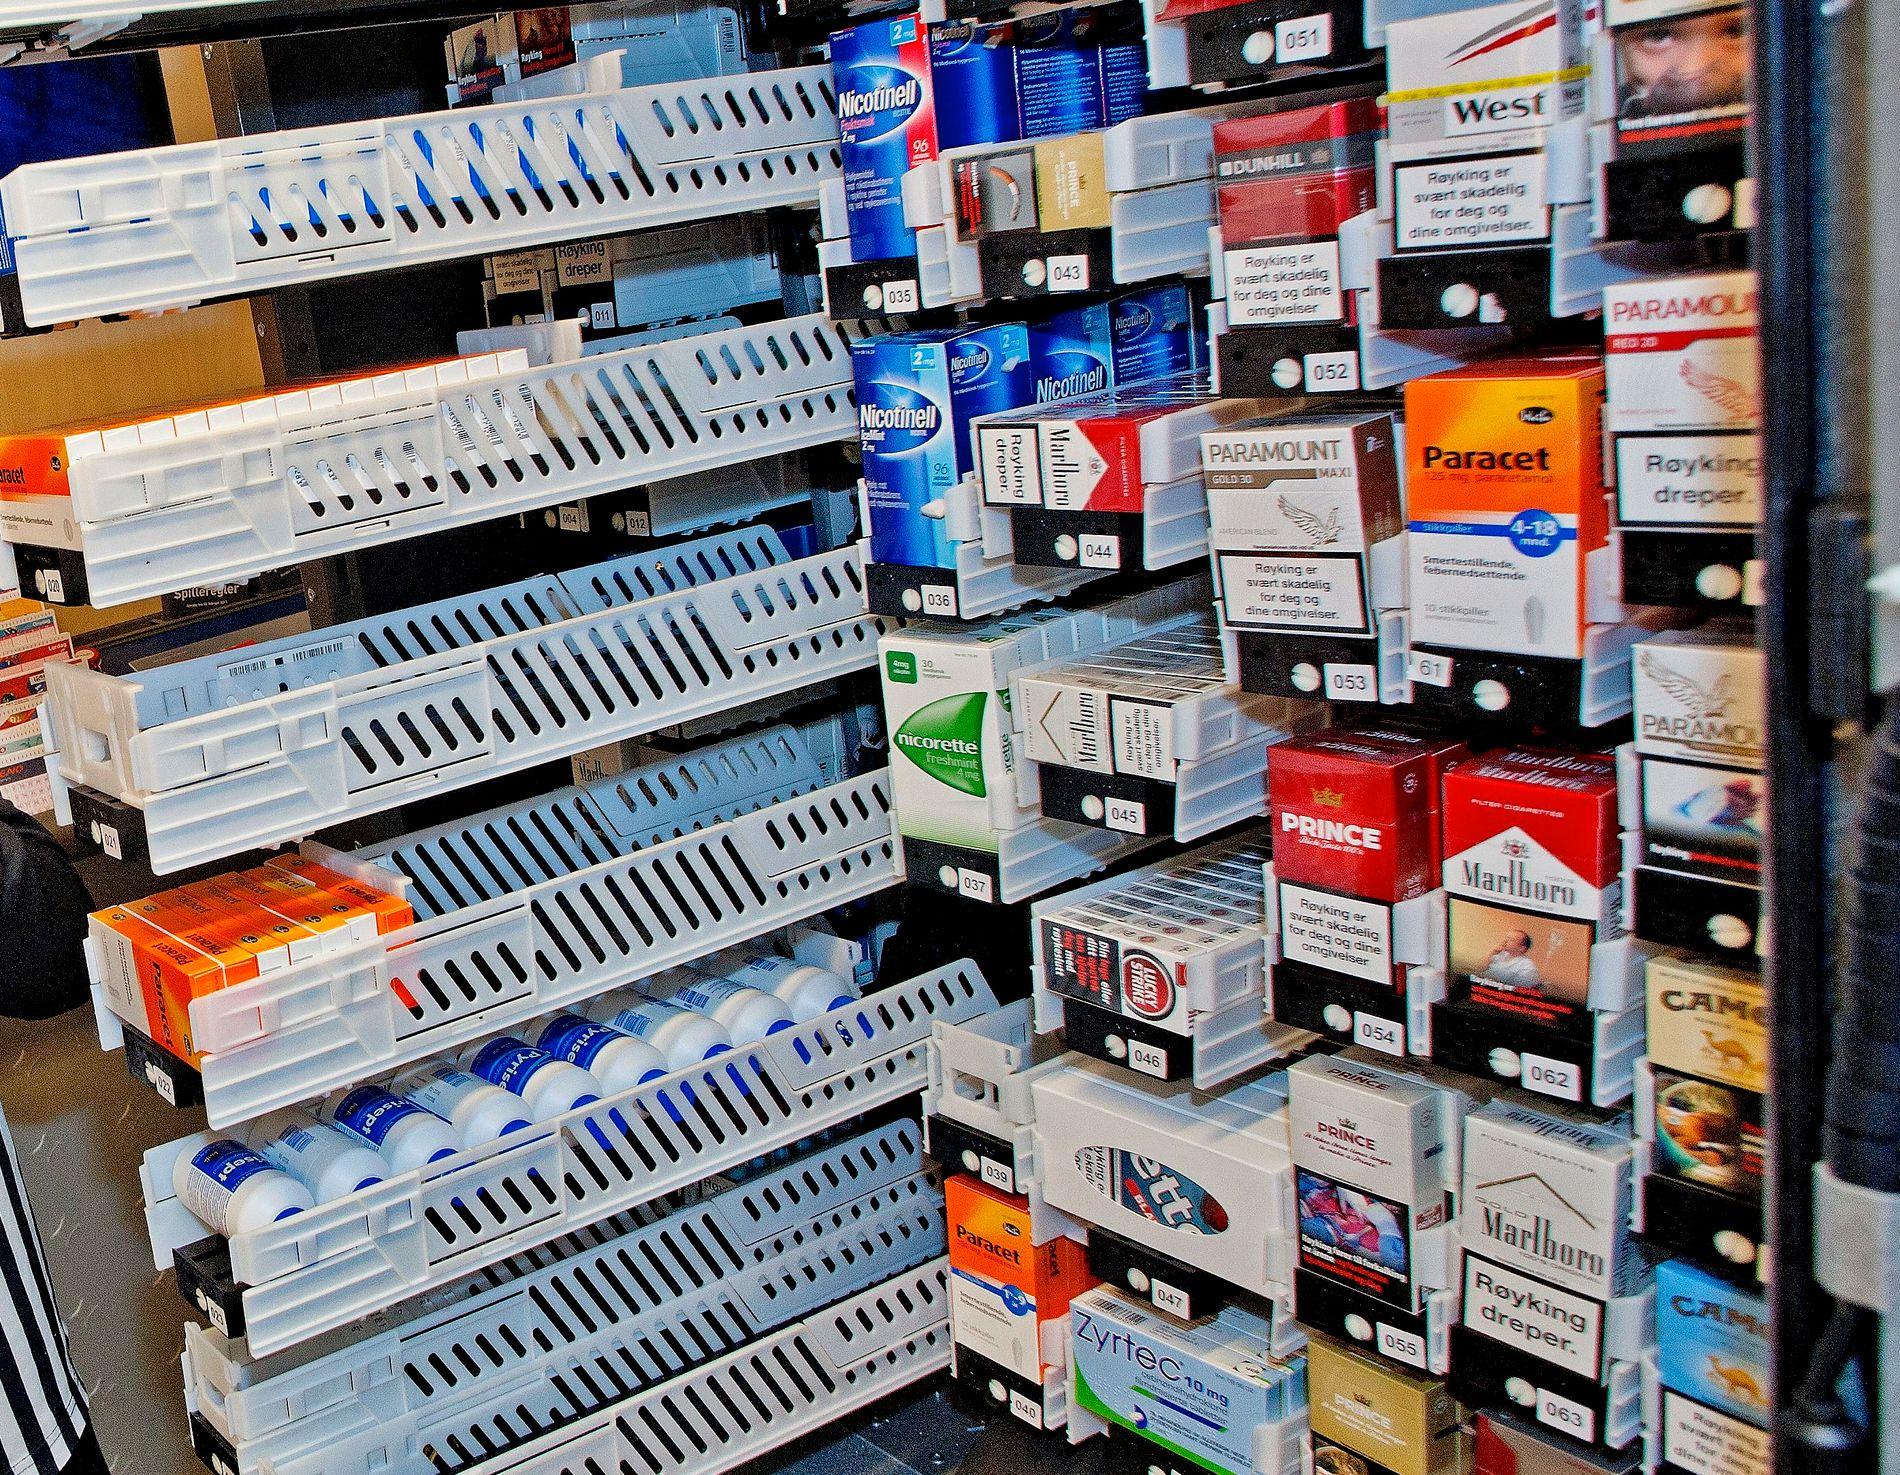 VANLIG SYN: Paracet og sigaretter i variert utvalg på en vanlig dagligvarebutikk i Oslo.